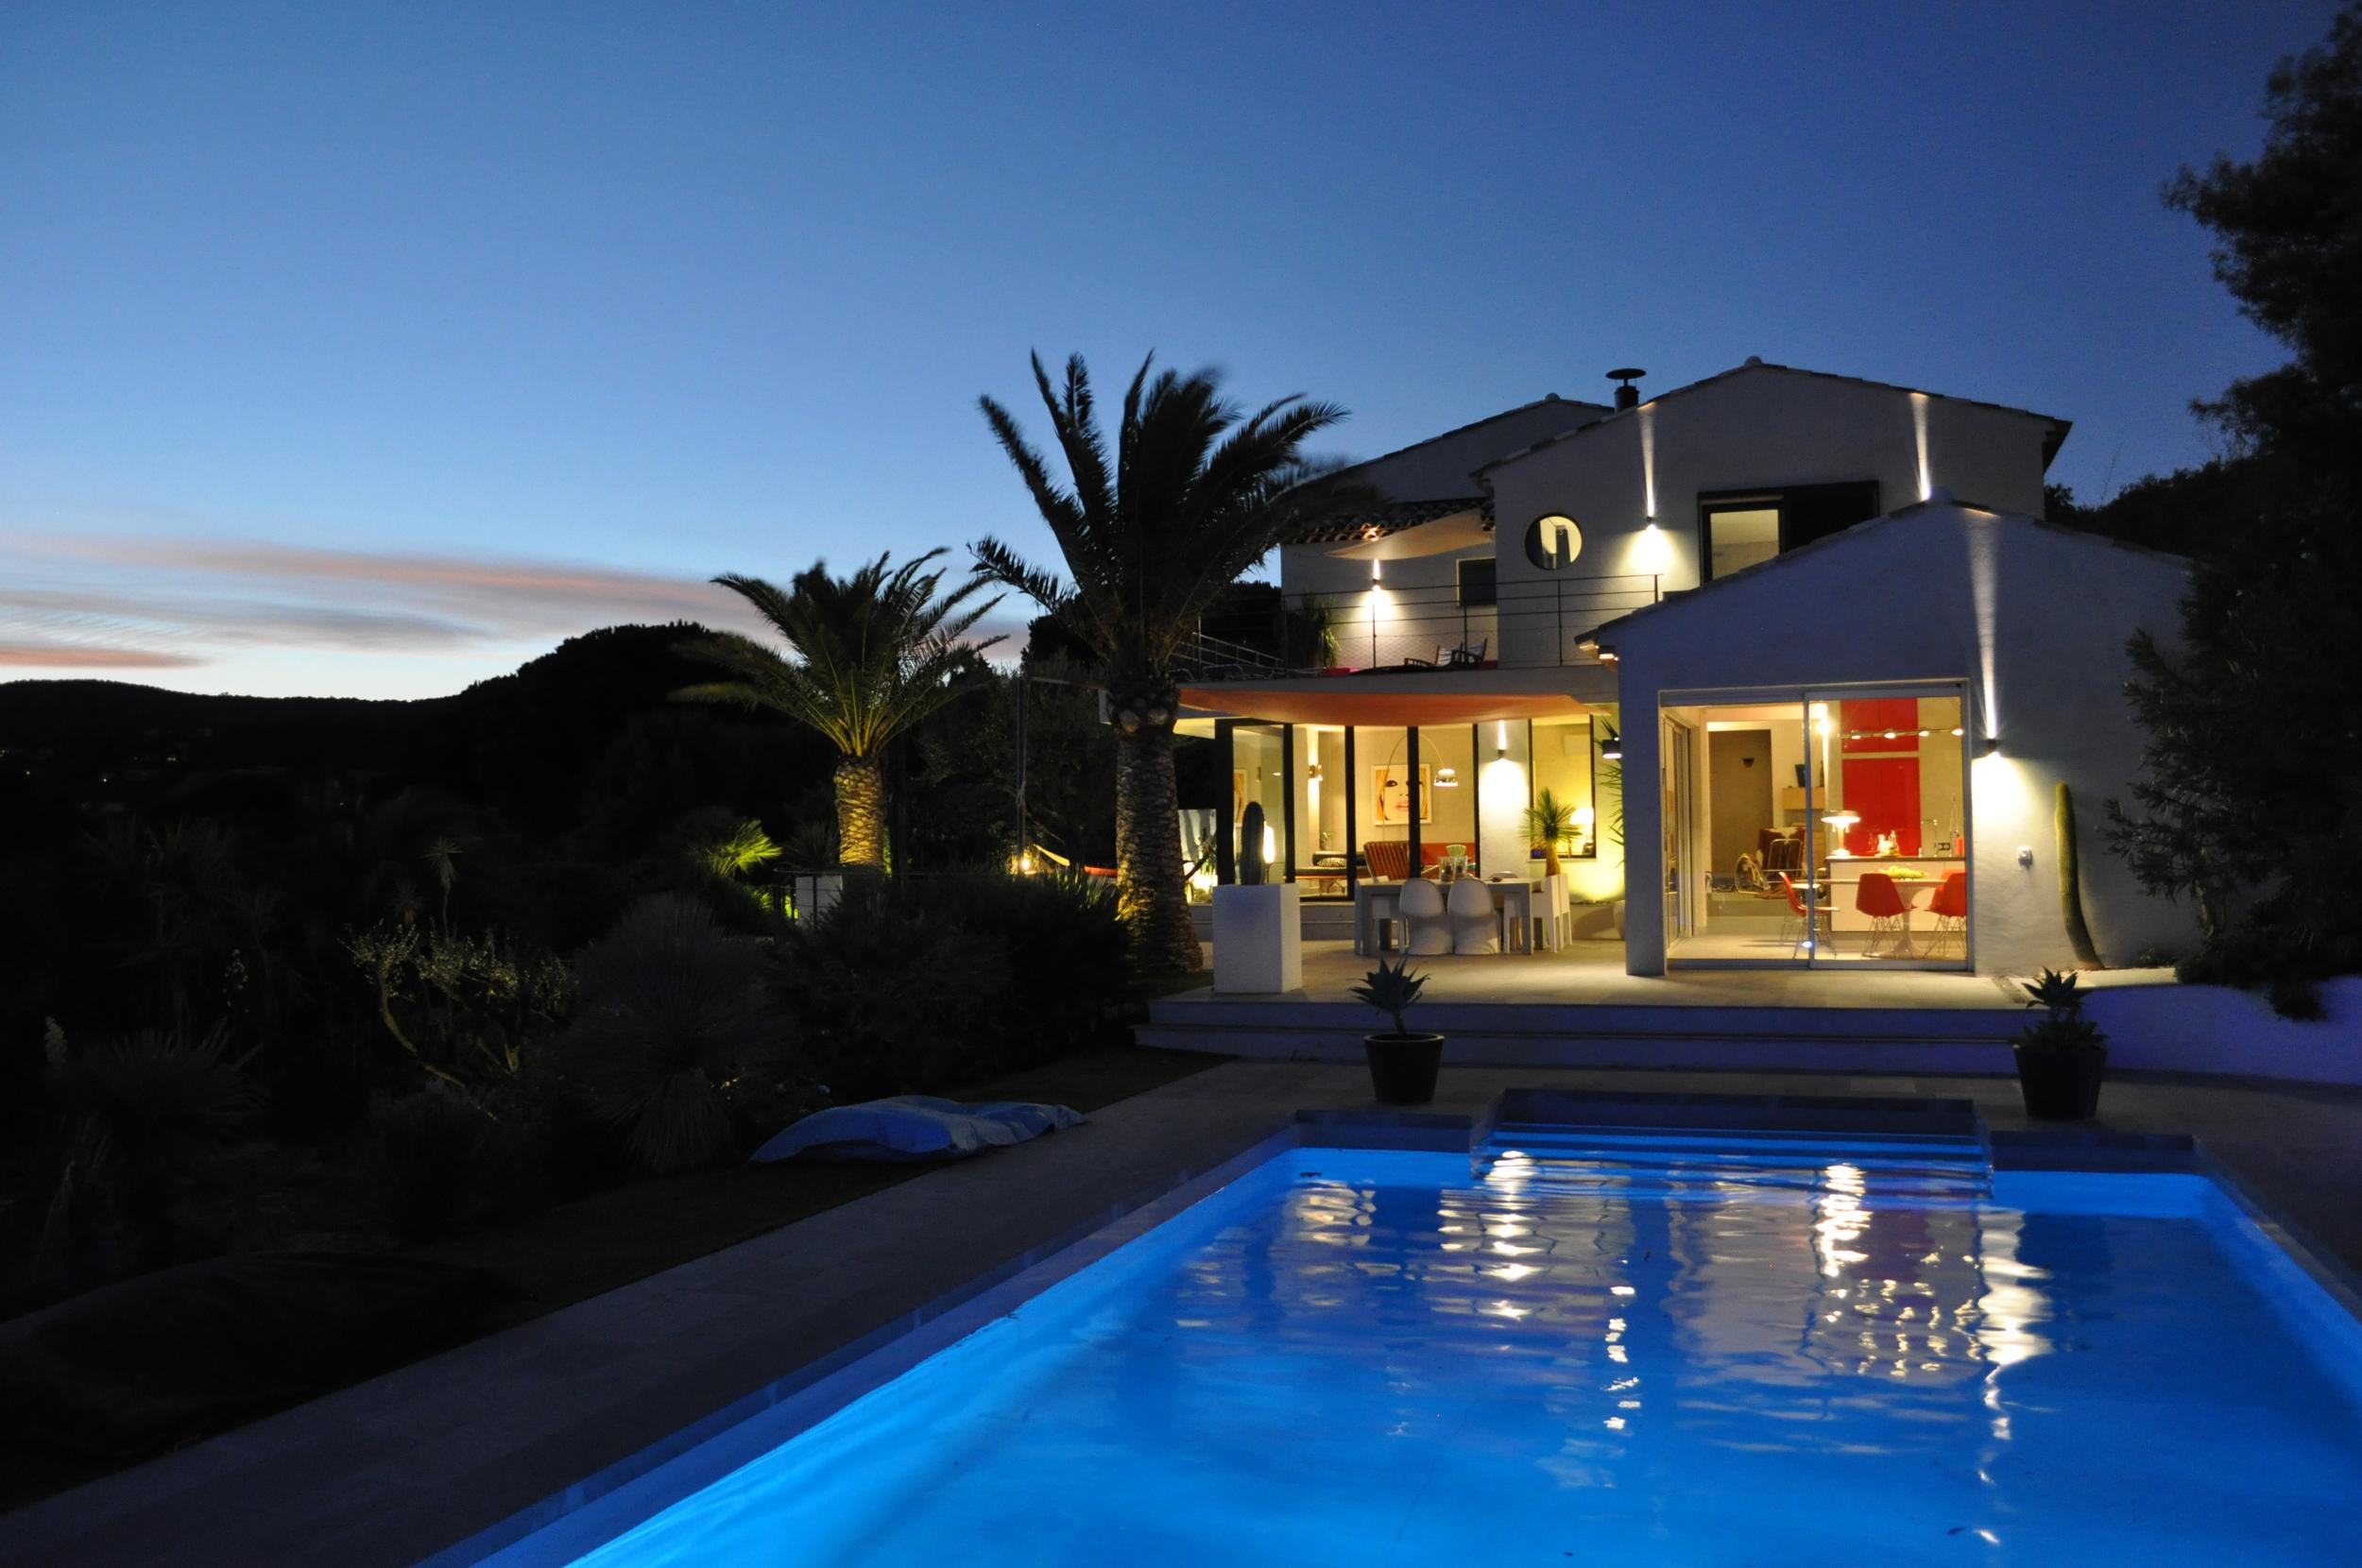 maison et piscine de nuit.JPG